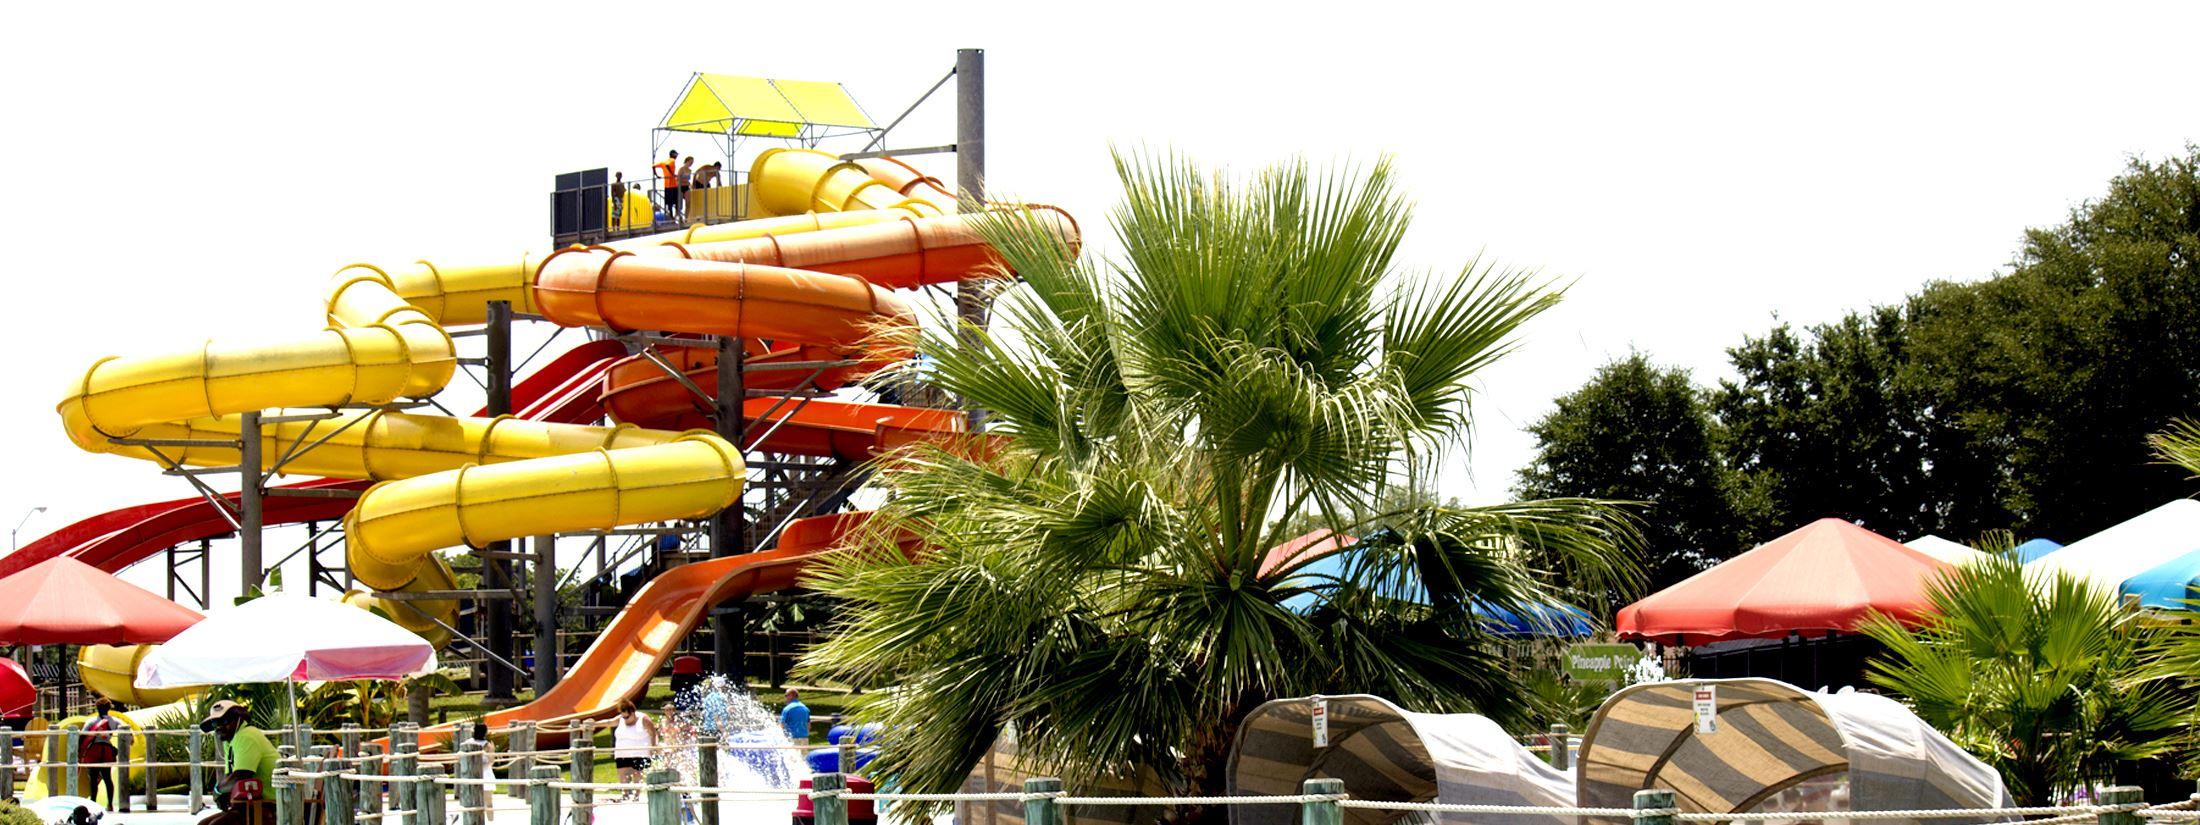 Bahama Beach, TX - Official Website   Official Website